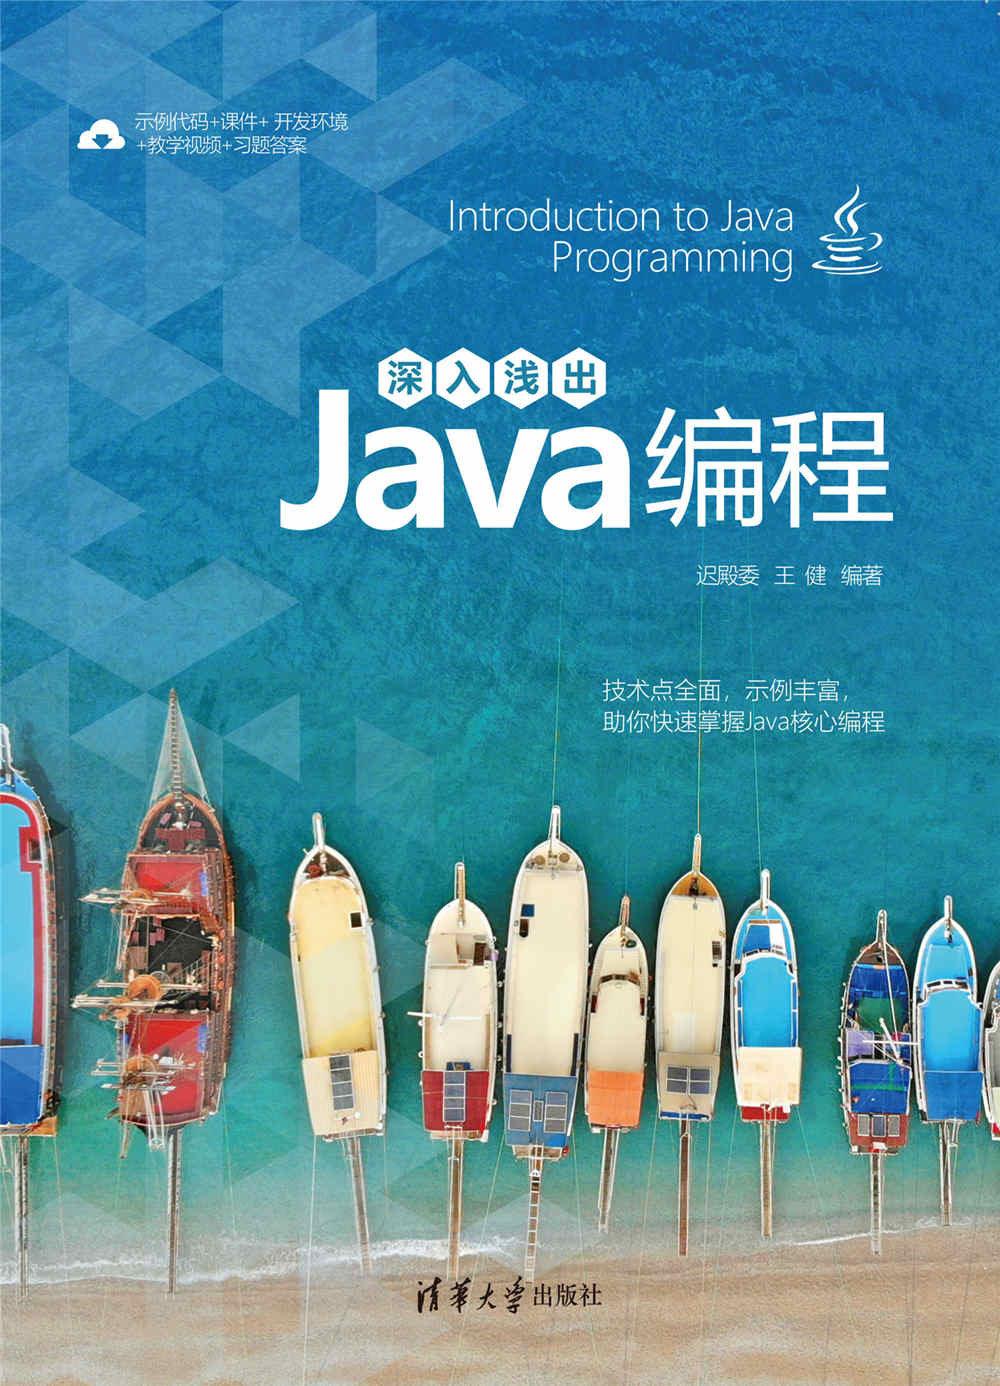 深入淺出Java編程-preview-1